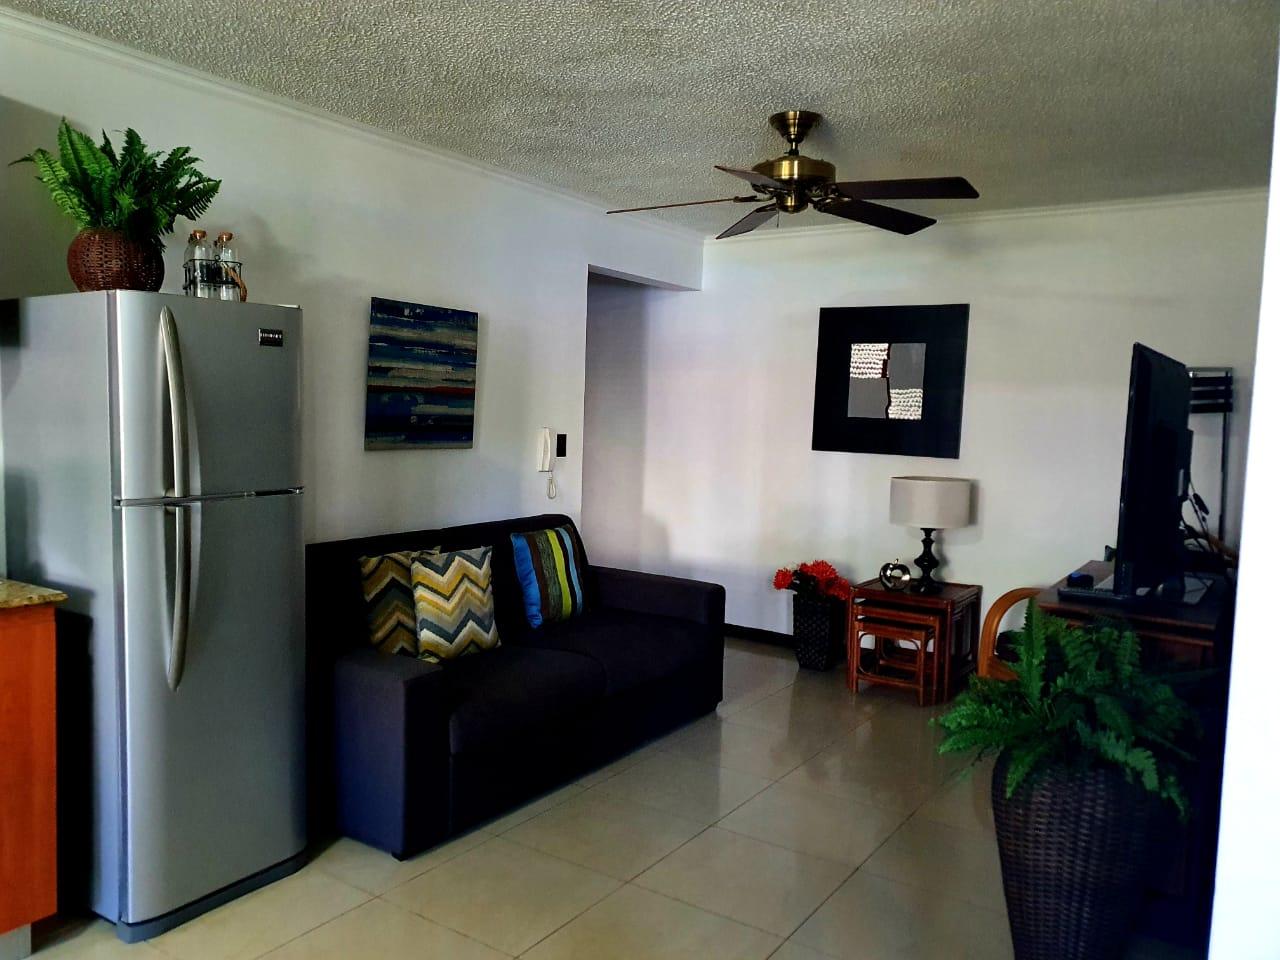 Venta de apartamento de 2 habitaciones ubicado en Jacó